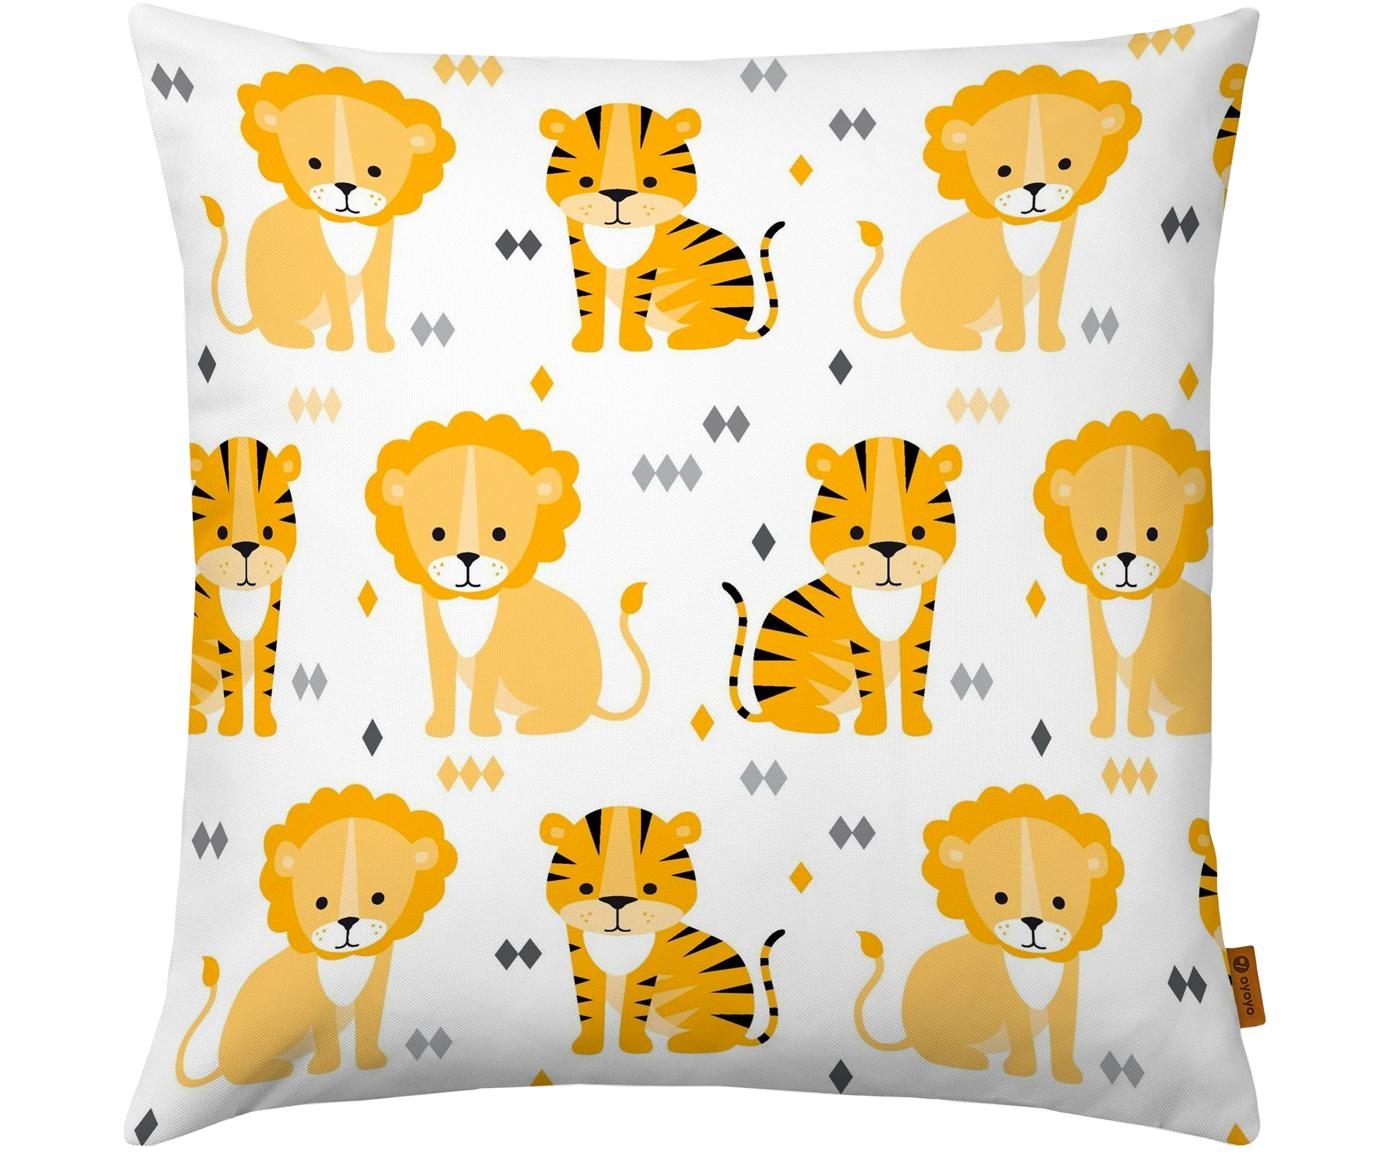 Federa in cotone leoni Lion and Tiger, Cotone, Bianco, giallo, arancione, grigio, nero, Larg. 40 x Lung. 40 cm